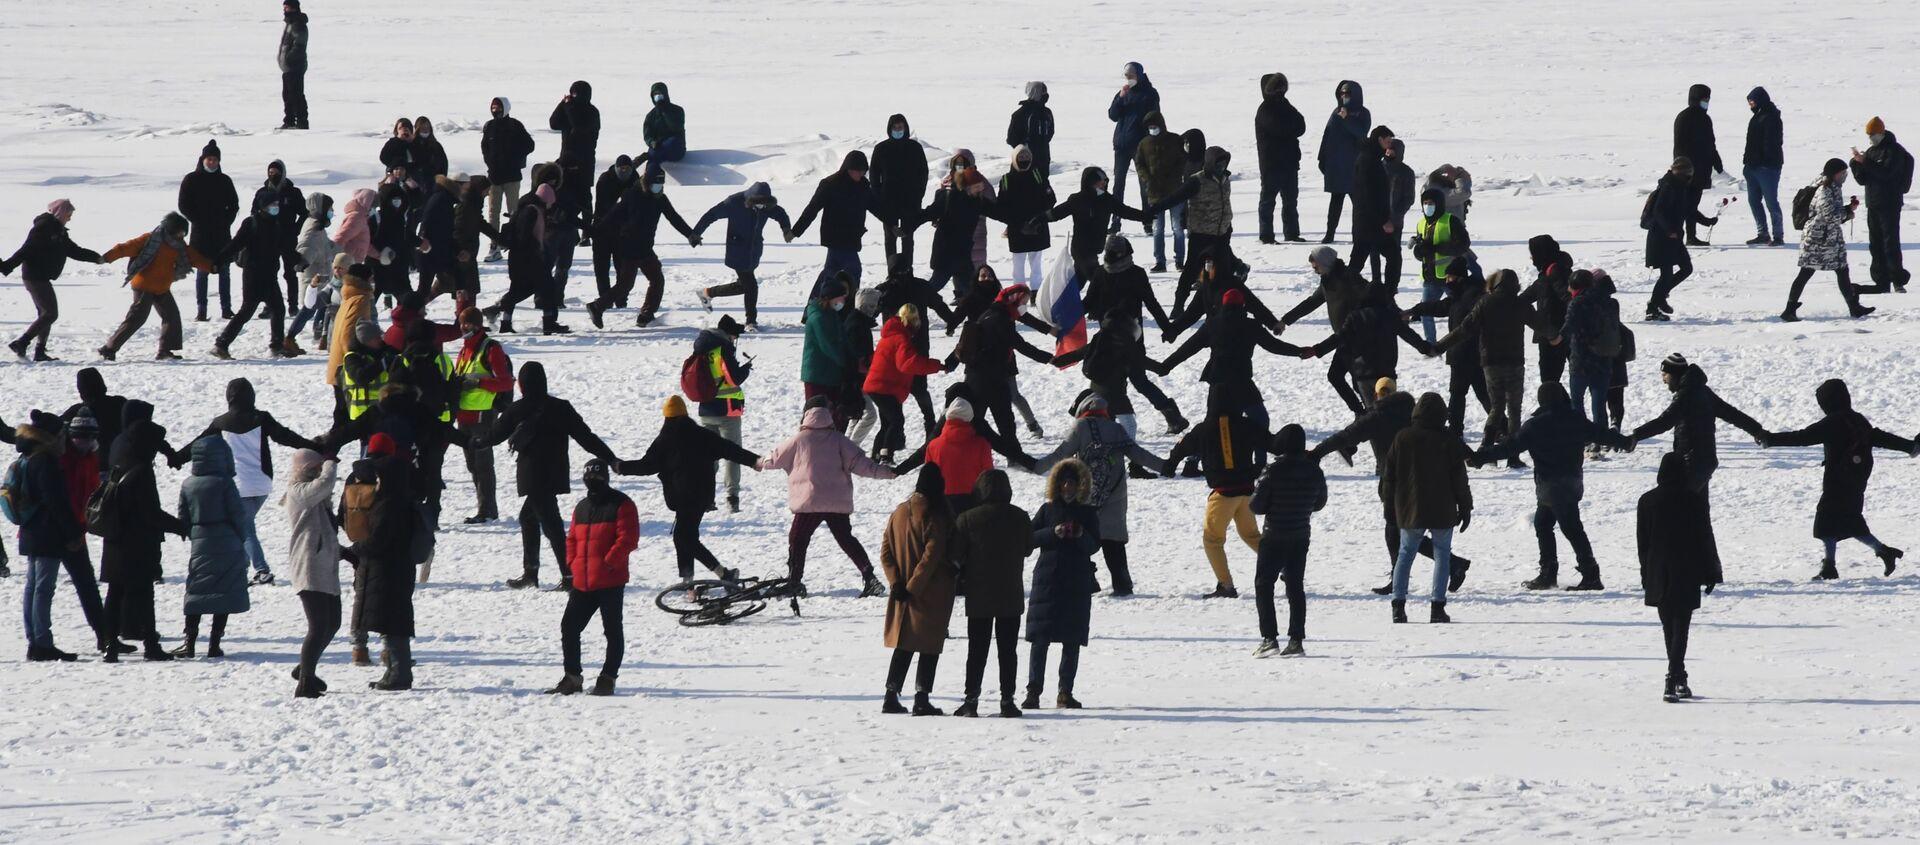 Protestas a favor del opositor ruso Alexéi Navalni en la ciudad deVladivostok (Rusia), el 31 de enero de 2021 - Sputnik Mundo, 1920, 31.01.2021